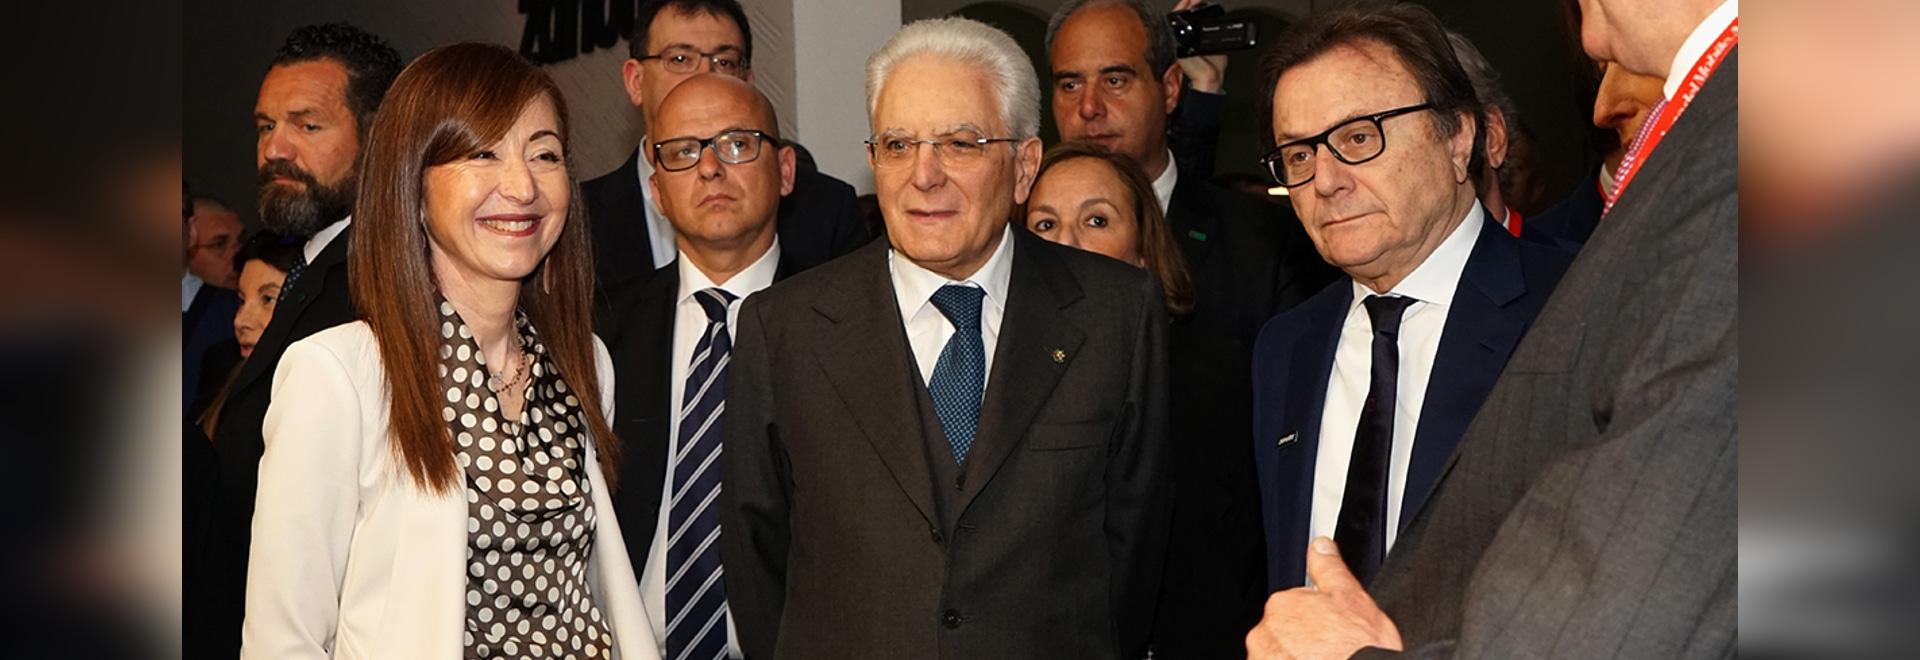 El presidente del soporte de la república de Sergio Mattarella del Zanotta italiano de las visitas